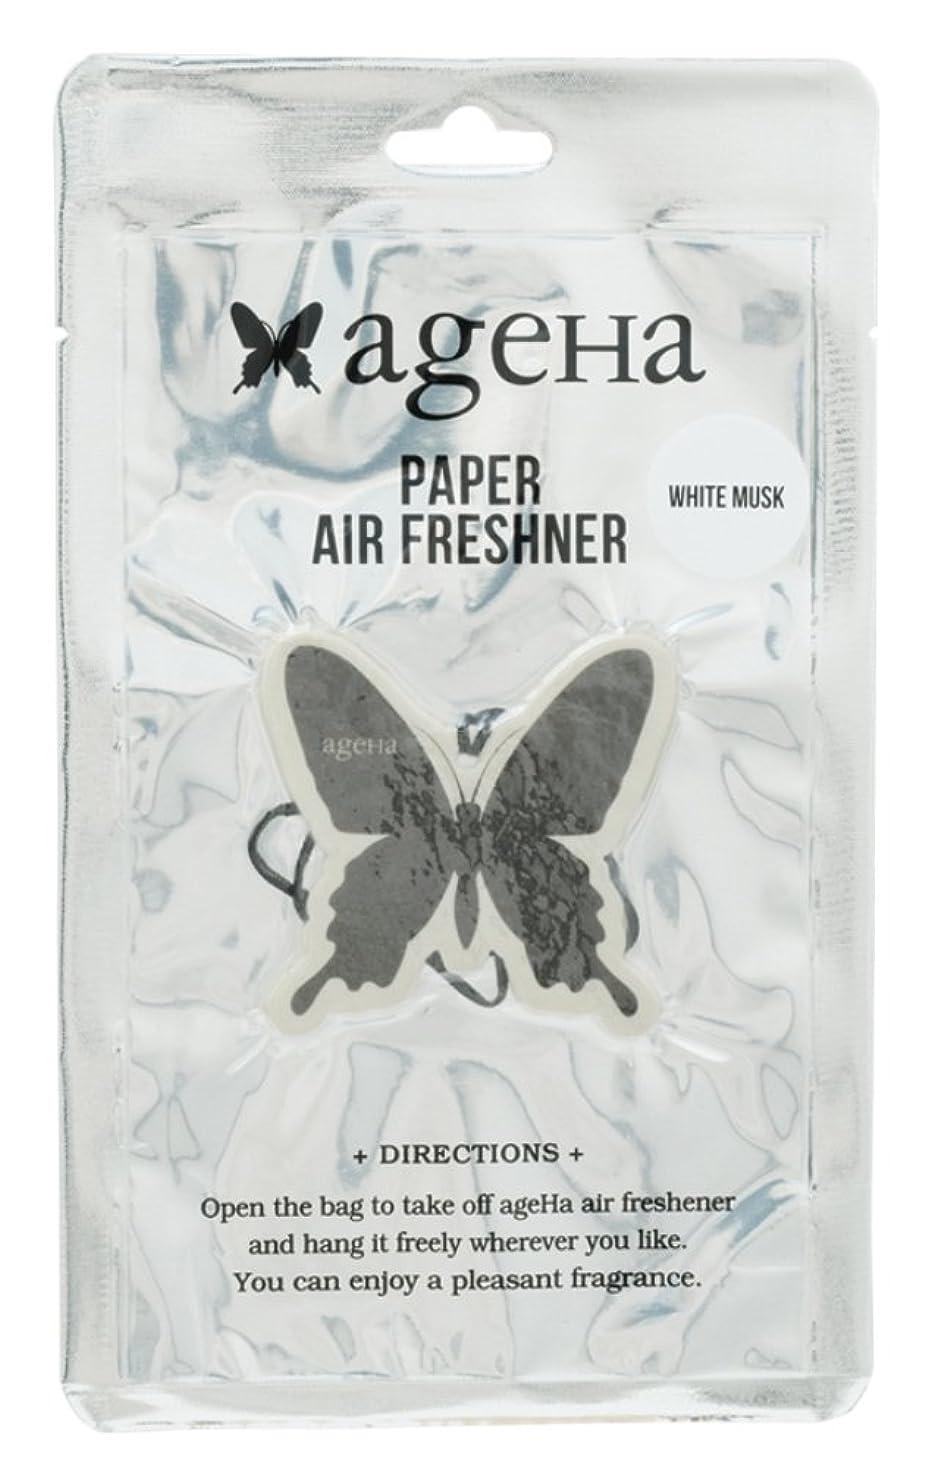 コールコピーいわゆるageha エアーフレッシュナー バタフライ 吊り下げ ホワイトムスクの香り OA-AGE-3-3